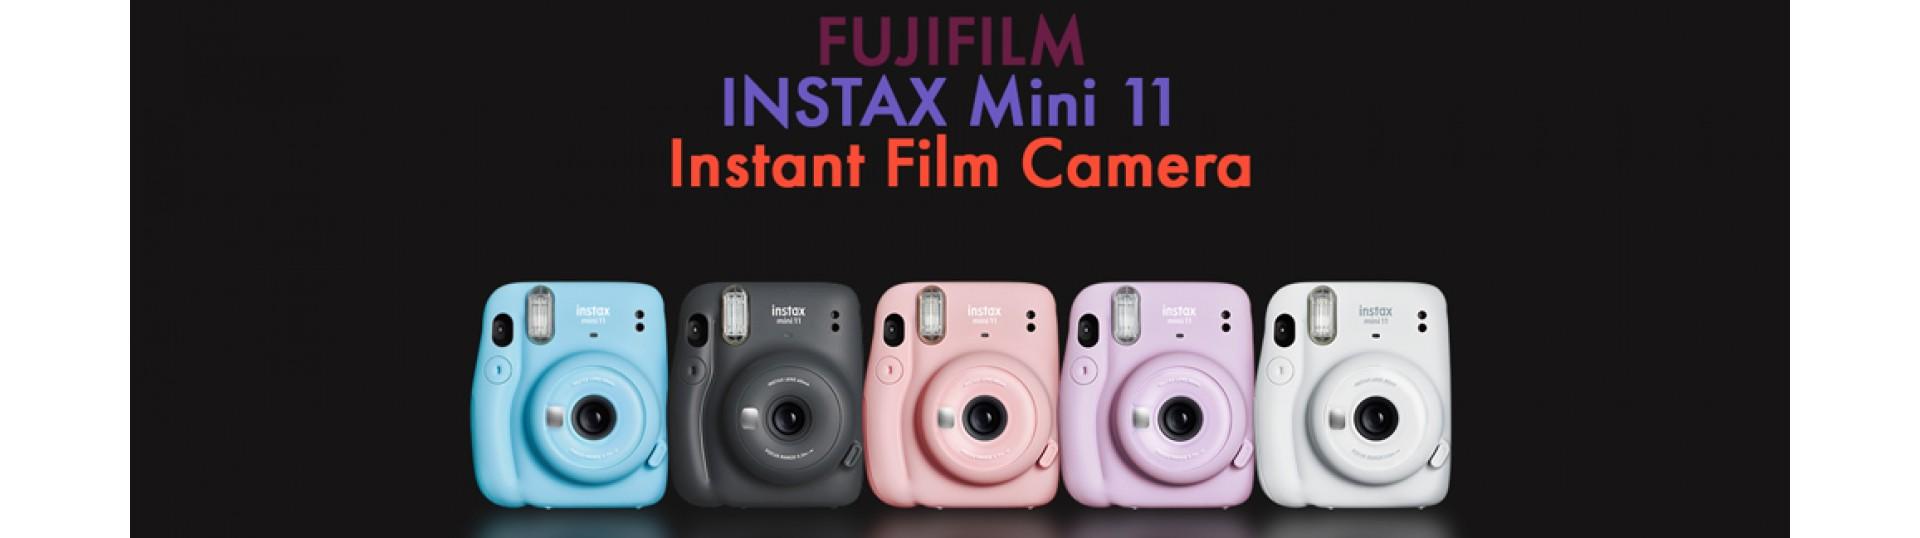 Fuji Instax Mini 11